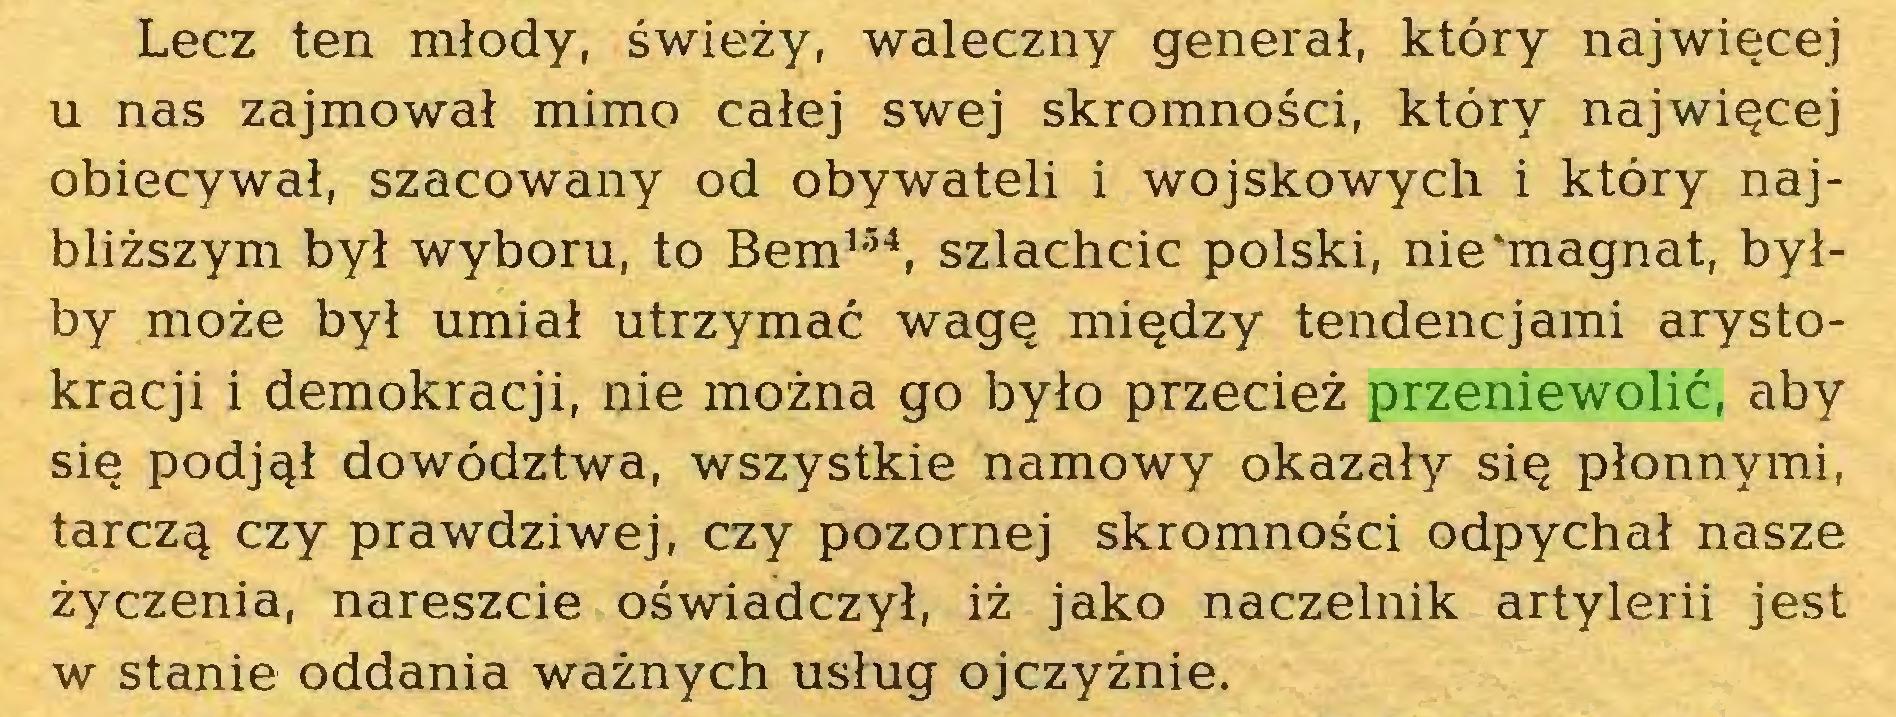 (...) Lecz ten młody, świeży, waleczny generał, który najwięcej u nas zajmował mimo całej swej skromności, który najwięcej obiecywał, szacowany od obywateli i wojskowych i który najbliższym był wyboru, to Bem154, szlachcic polski, nie'magnat, byłby może był umiał utrzymać wagę między tendencjami arystokracji i demokracji, nie można go było przecież przeniewolić, aby się podjął dowództwa, wszystkie namowy okazały się płonnymi, tarczą czy prawdziwej, czy pozornej skromności odpychał nasze życzenia, nareszcie oświadczył, iż jako naczelnik artylerii jest w stanie oddania ważnych usług ojczyźnie...